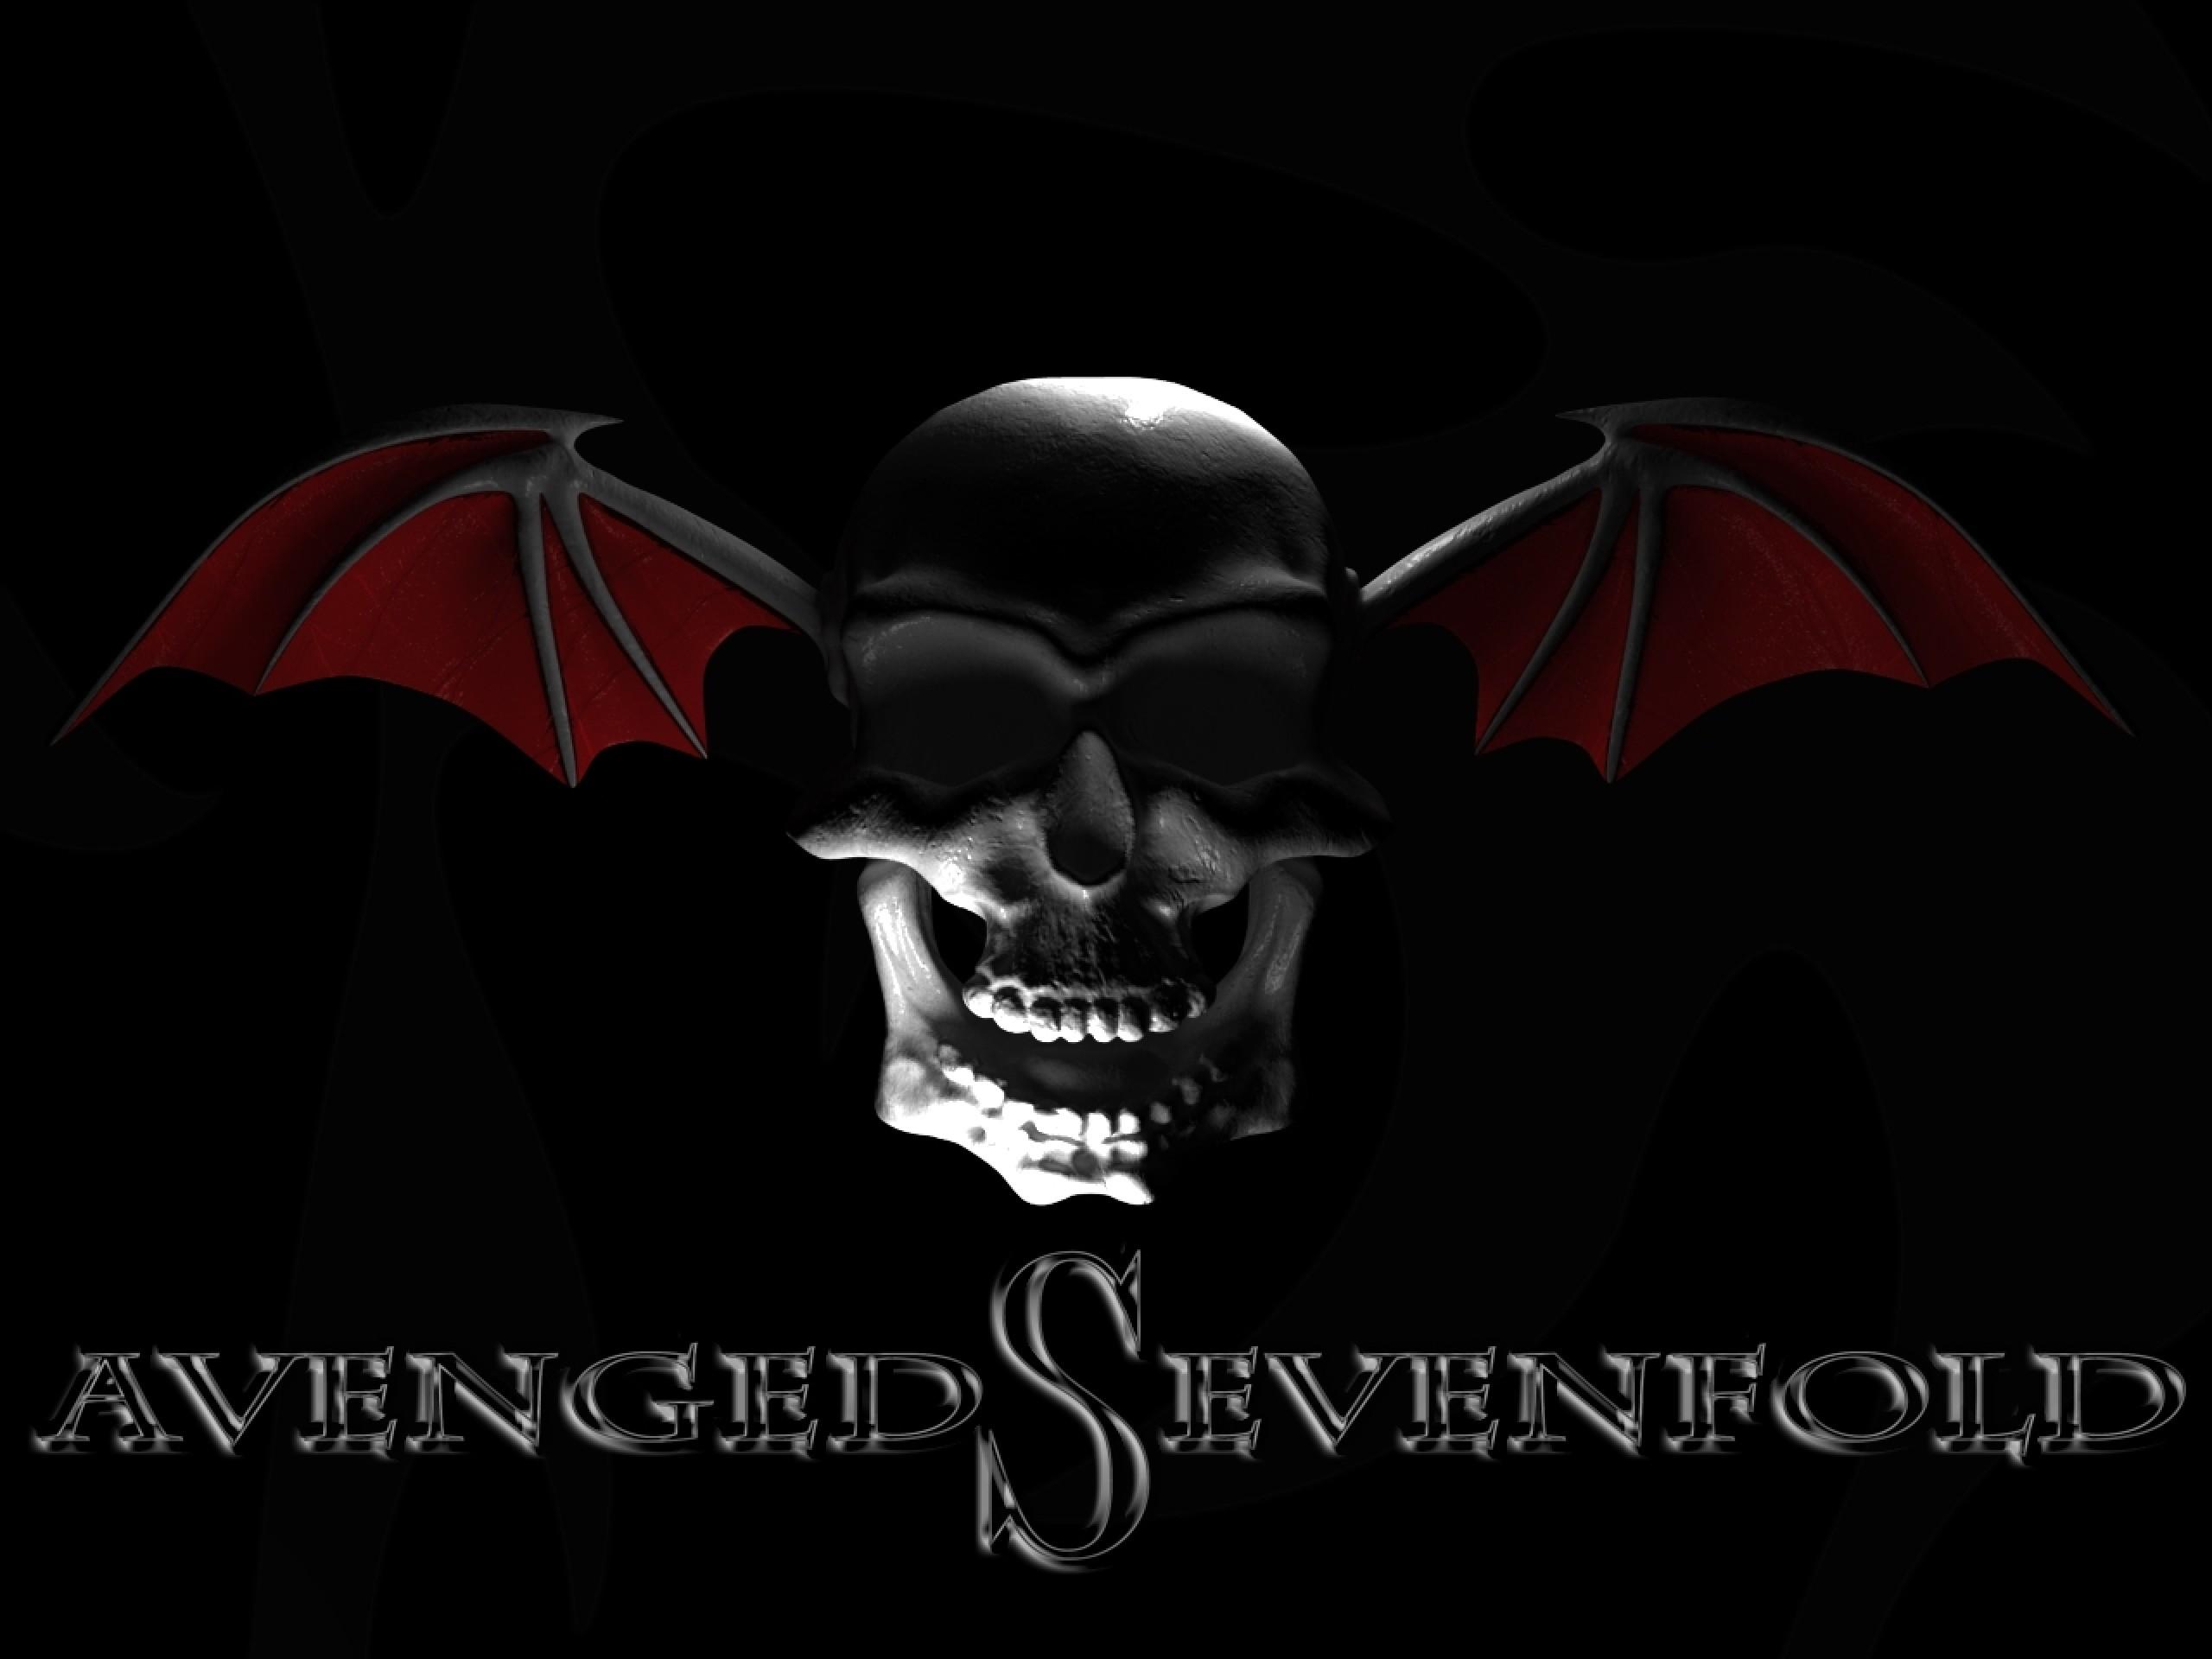 Avenged Sevenfold Wallpaper (68+ images)